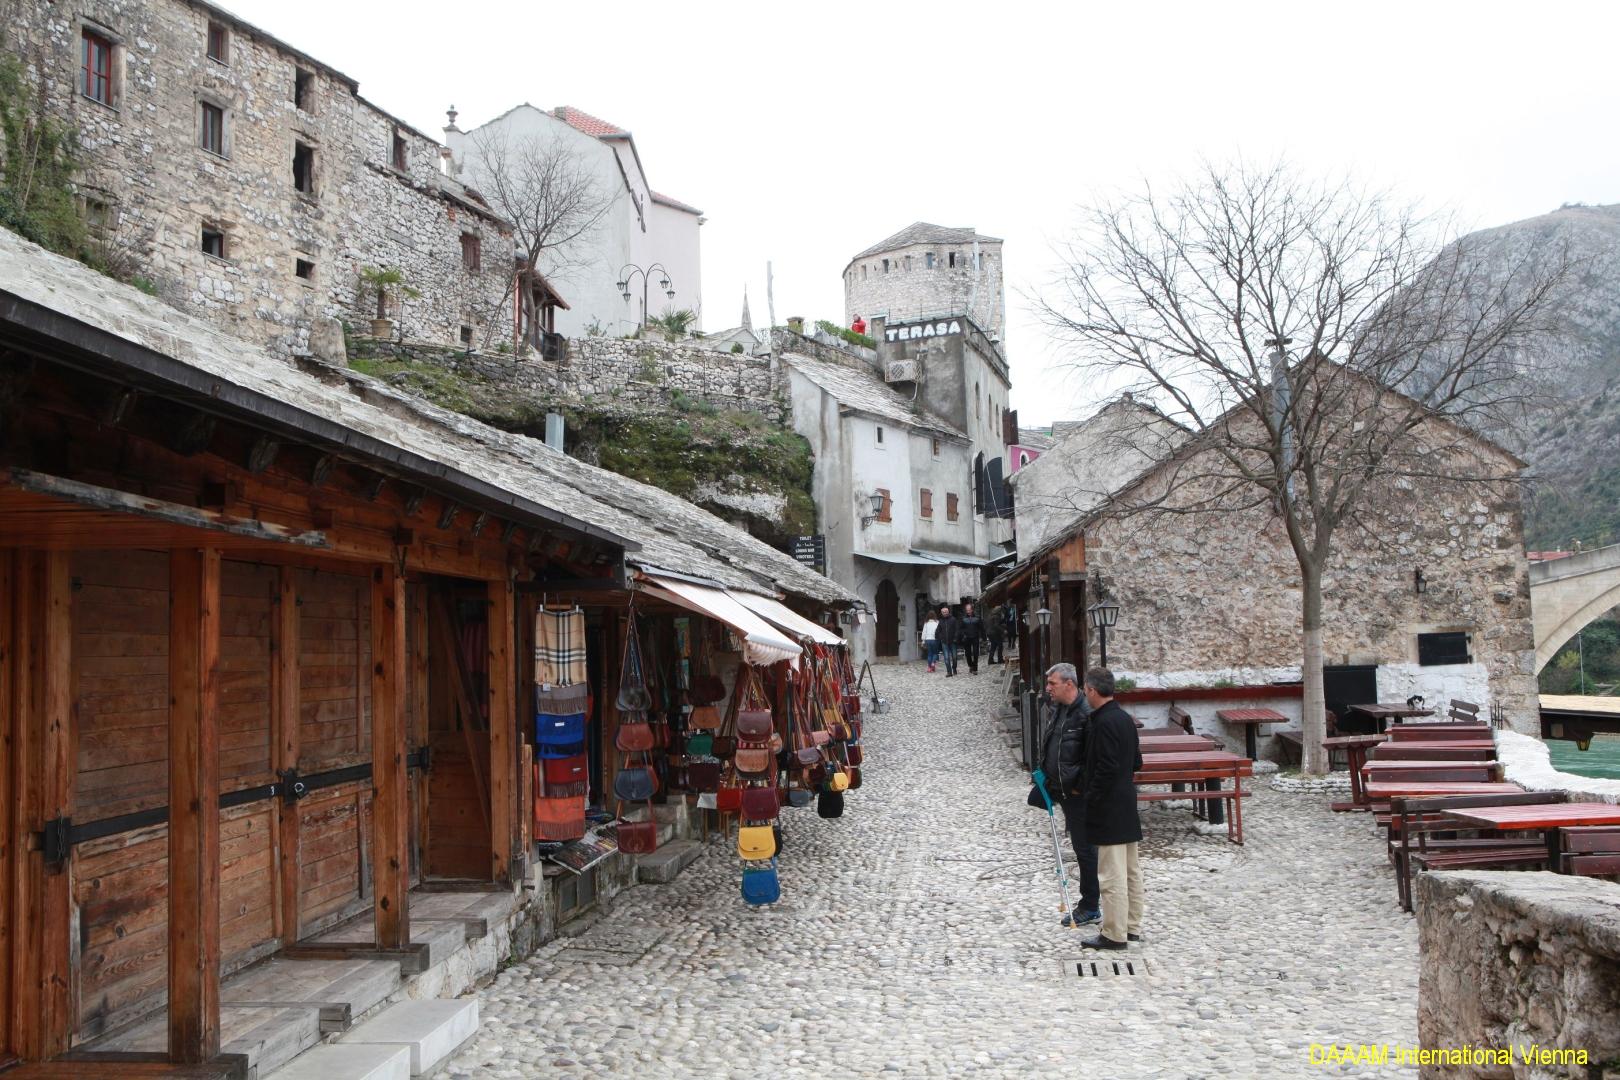 DAAAM_2016_Mostar_01_Magic_City_of_Mostar_096